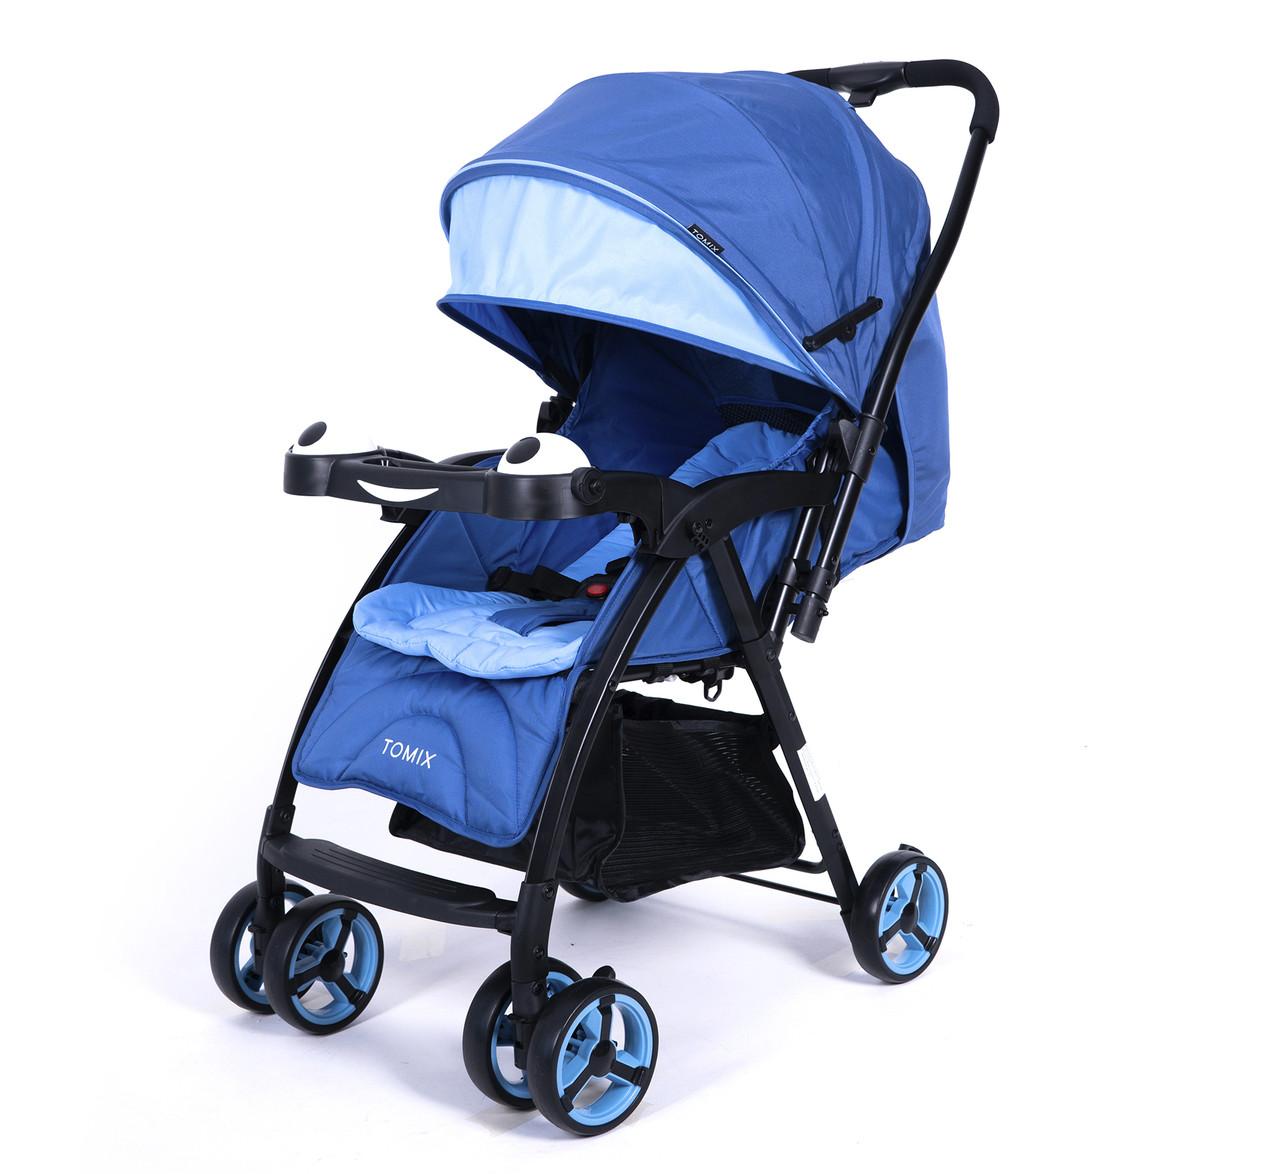 Детская прогулочная Коляска Tomix Cosy. Цвет синий, от 6 мес.